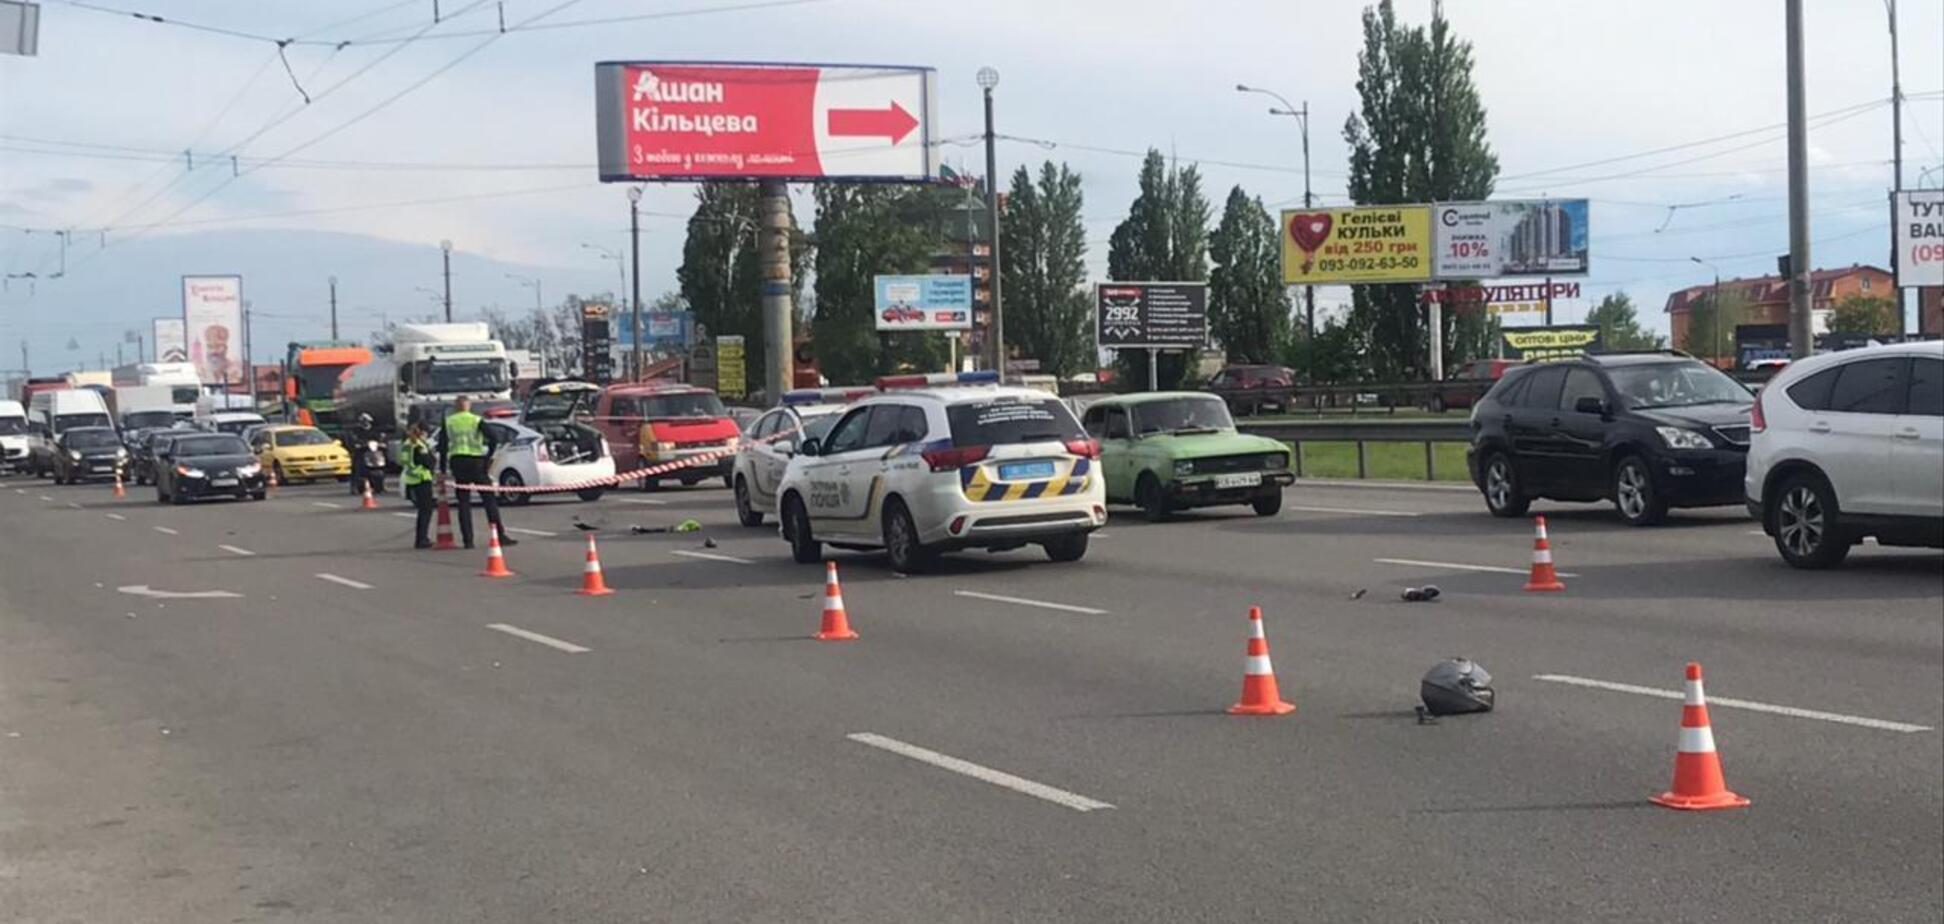 У Києві сталася смертельна ДТП на Кільцевій дорозі: загинув водій мопеда